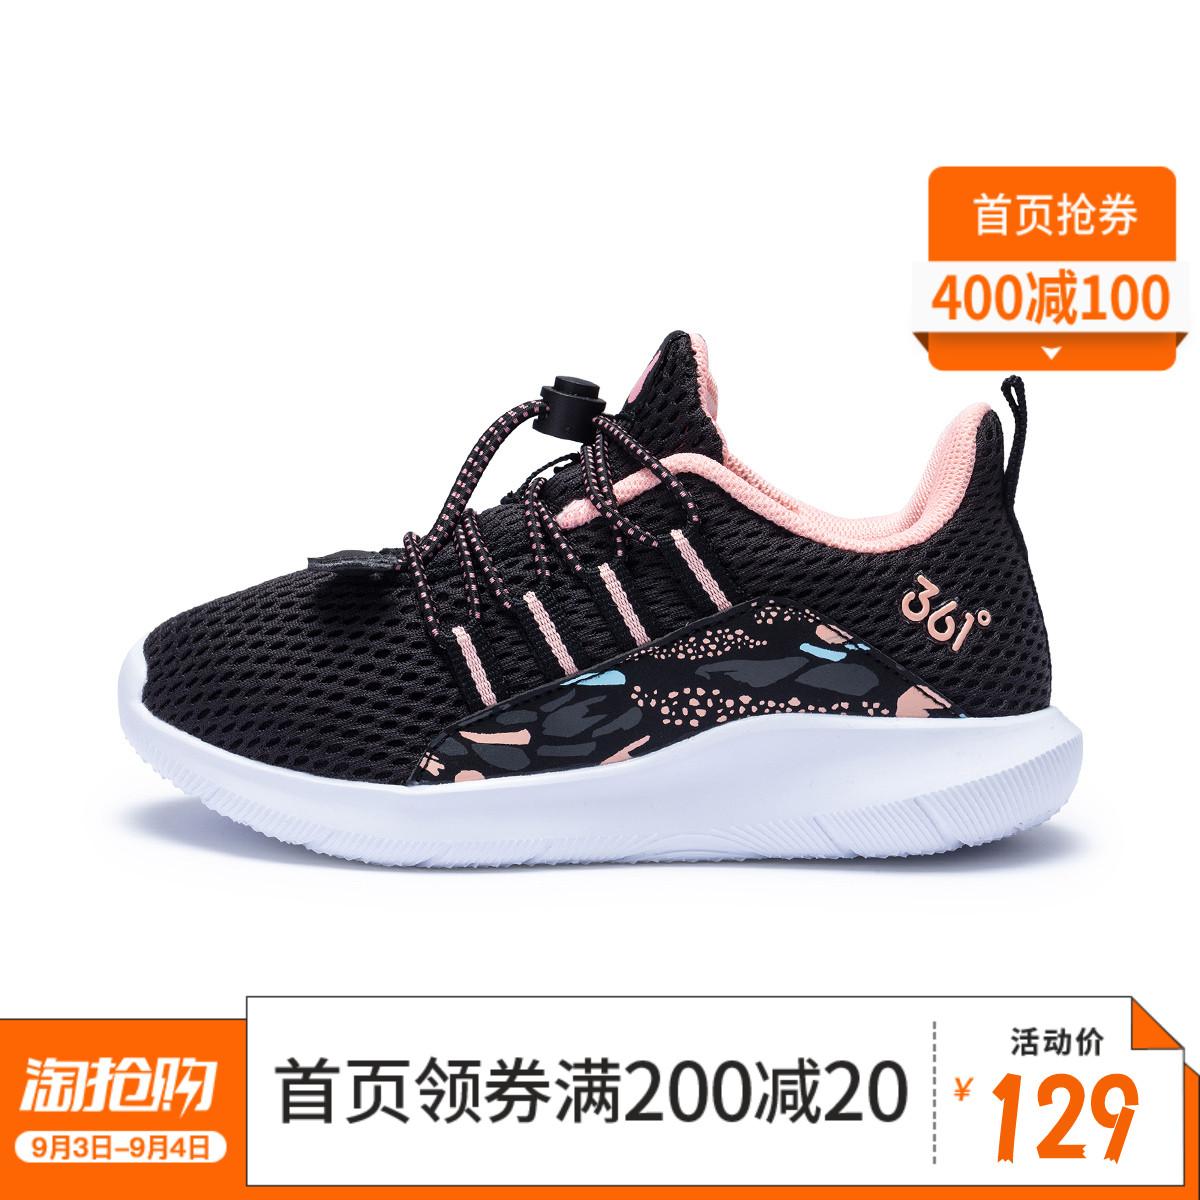 361女童鞋兒童鞋秋季新款中大童鞋子休閑鞋學生跑步鞋女孩運動鞋